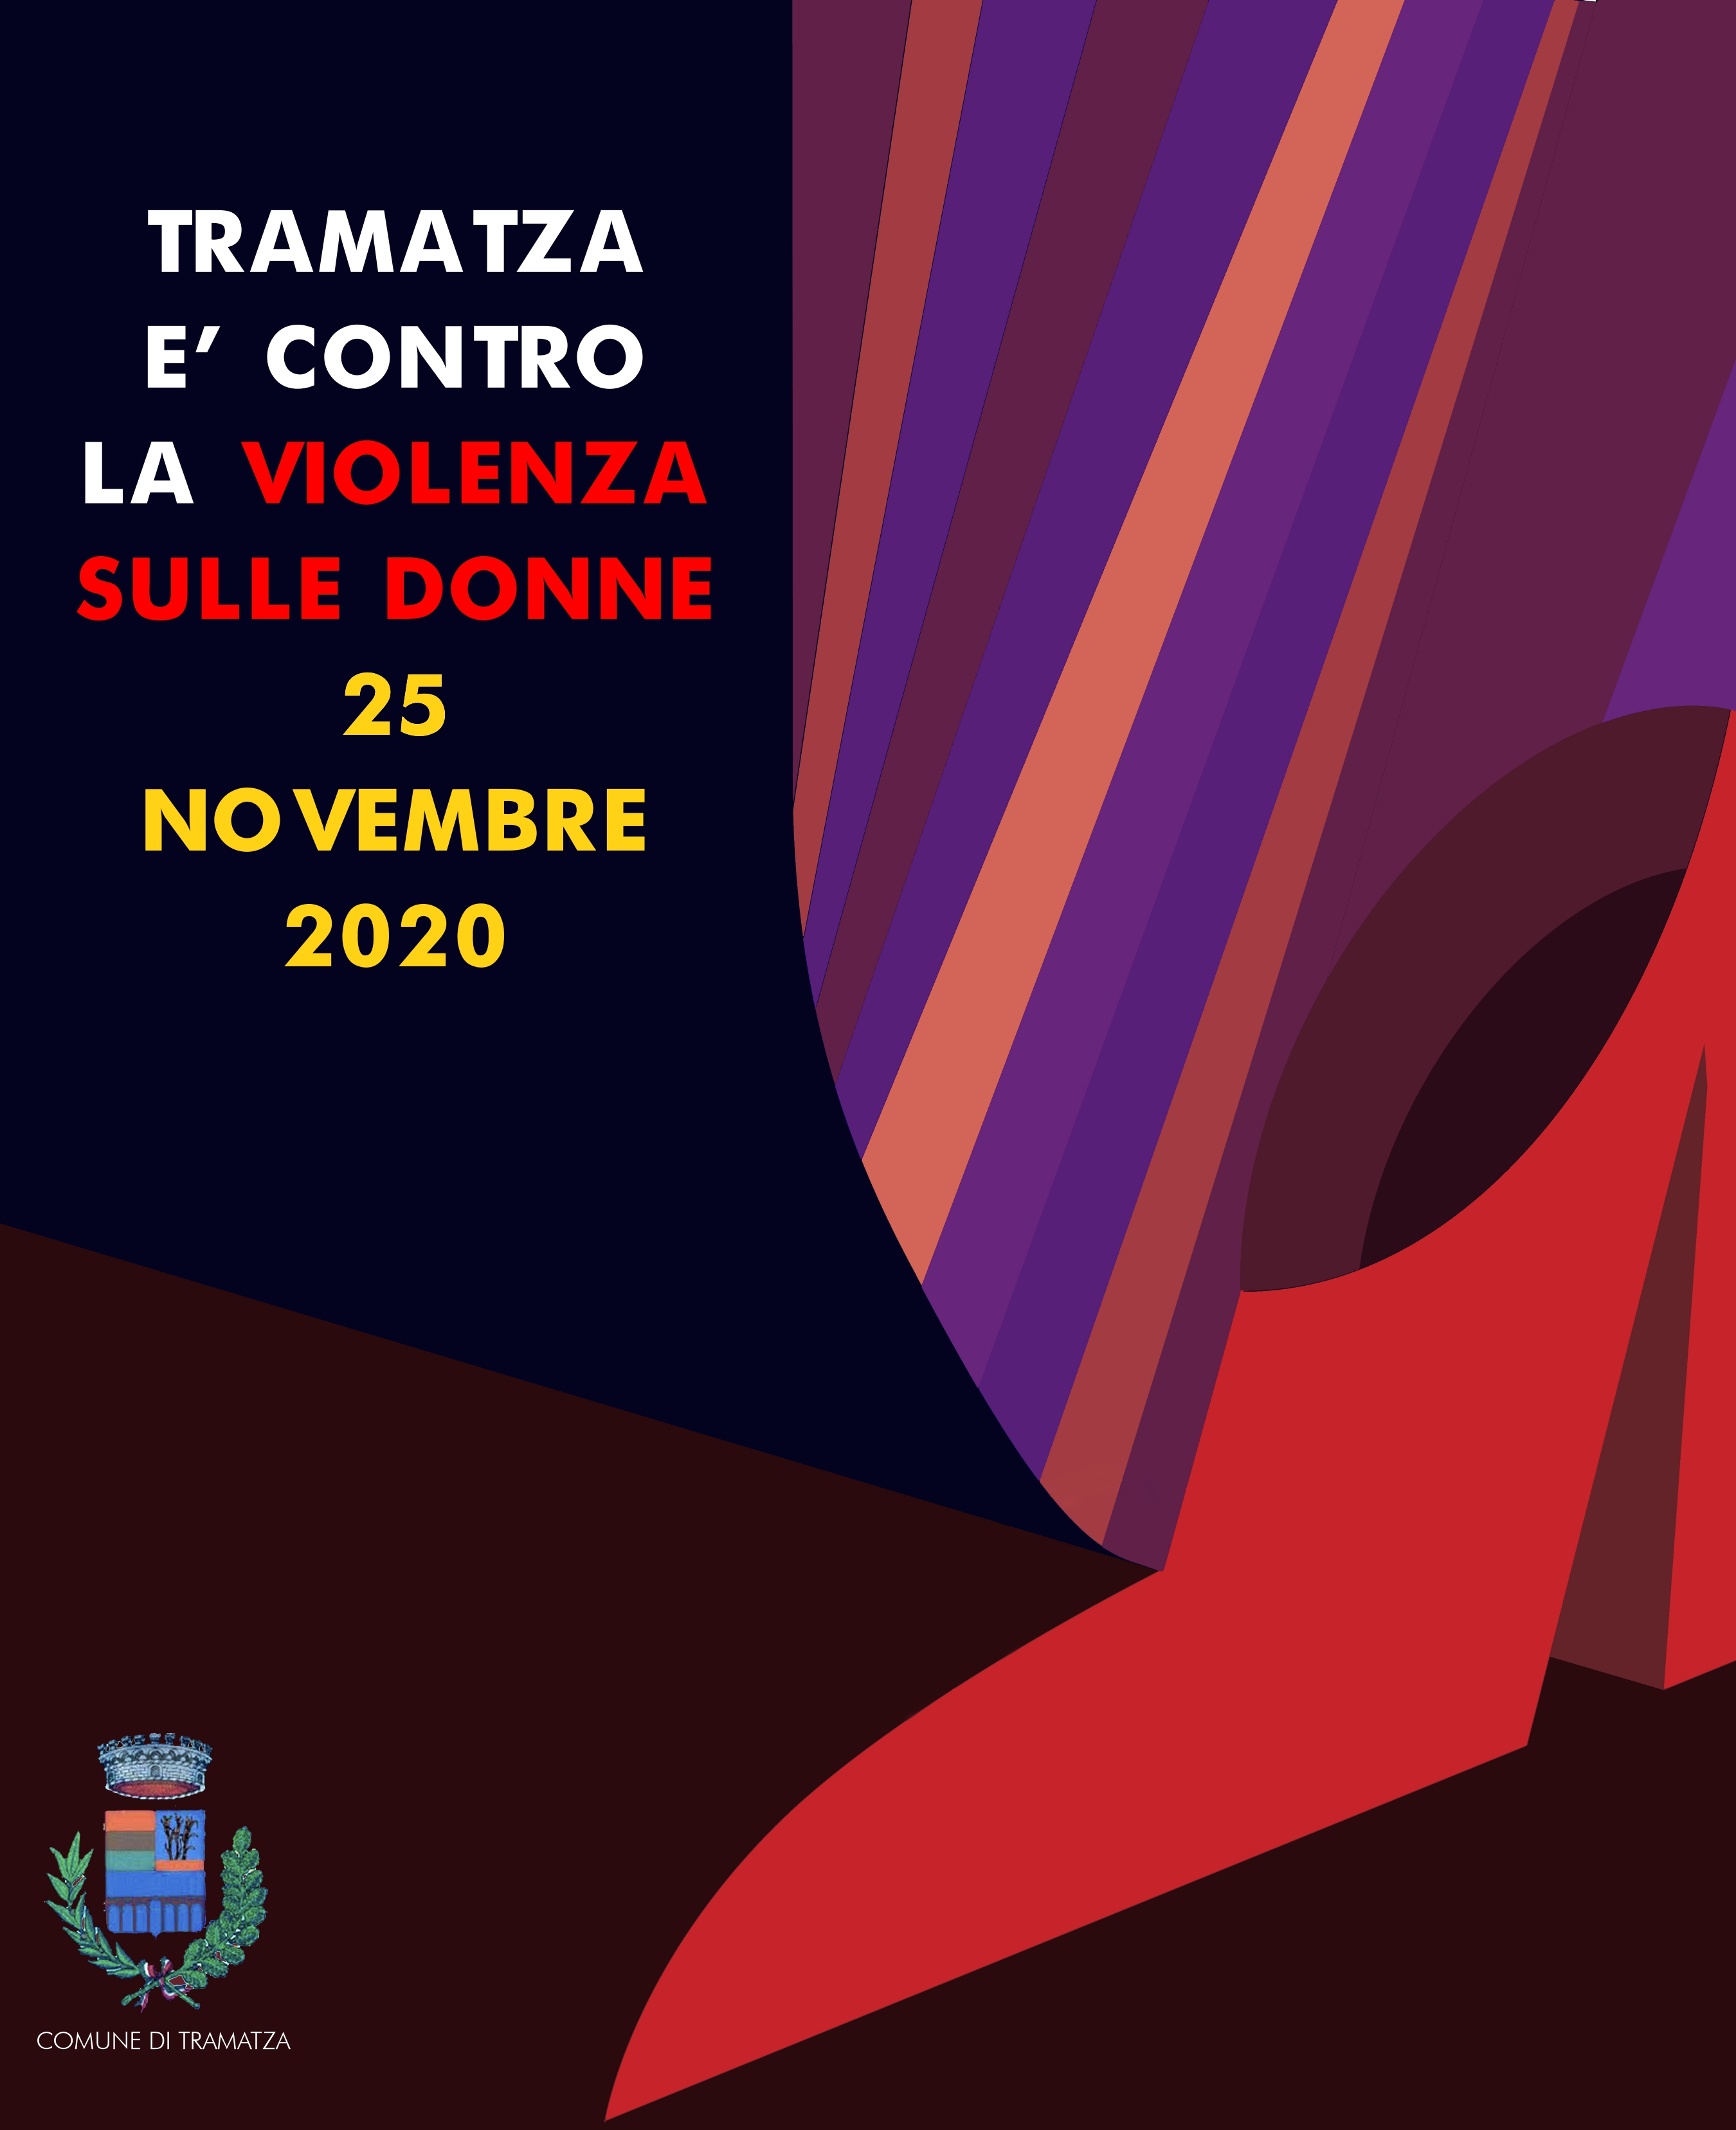 25 novembre 2020 - Giornata mondiale contro la violenza alle donne